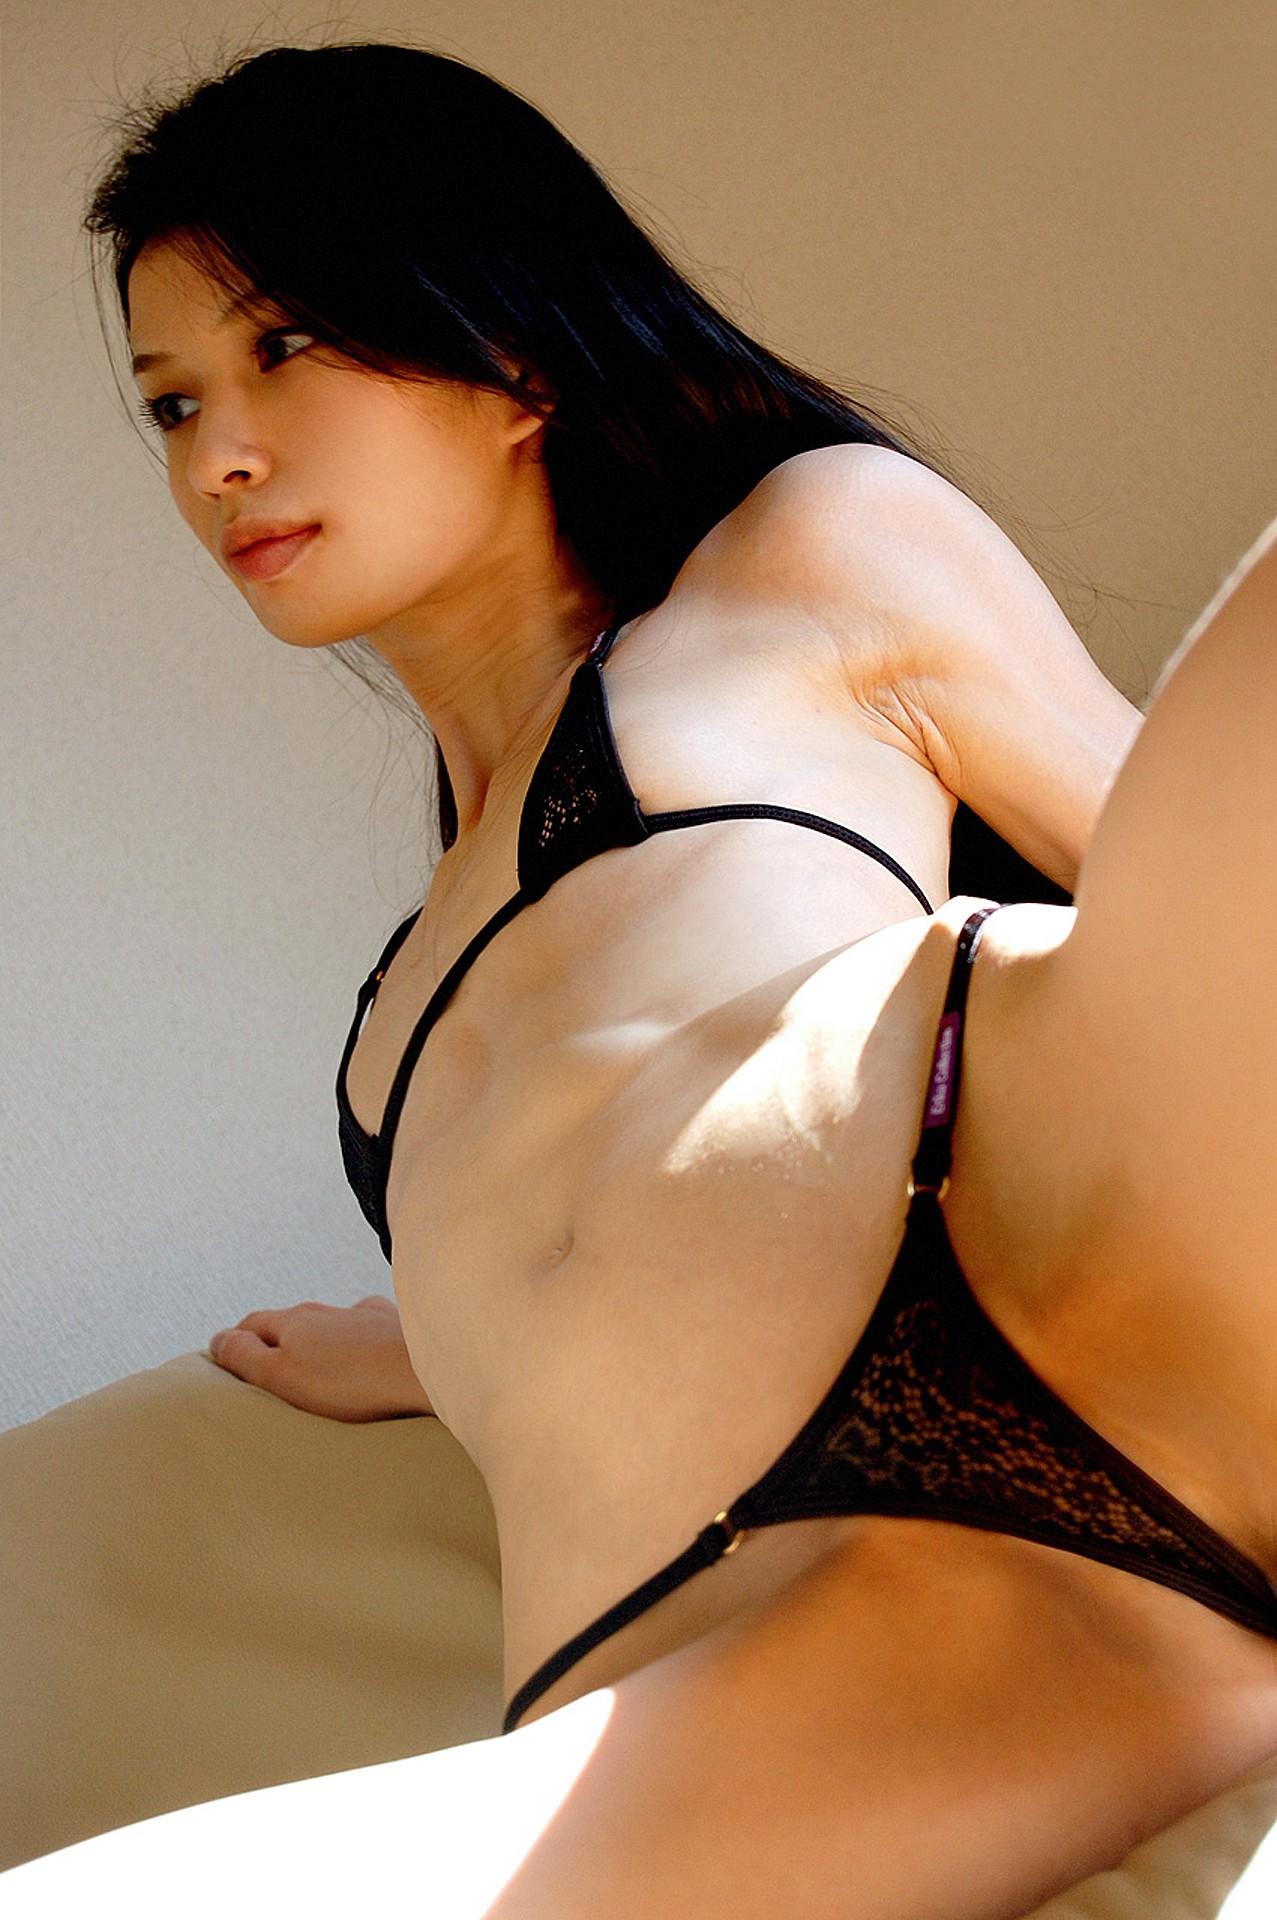 asiangirlfriend wp content uploads 2011 08 bikini 9